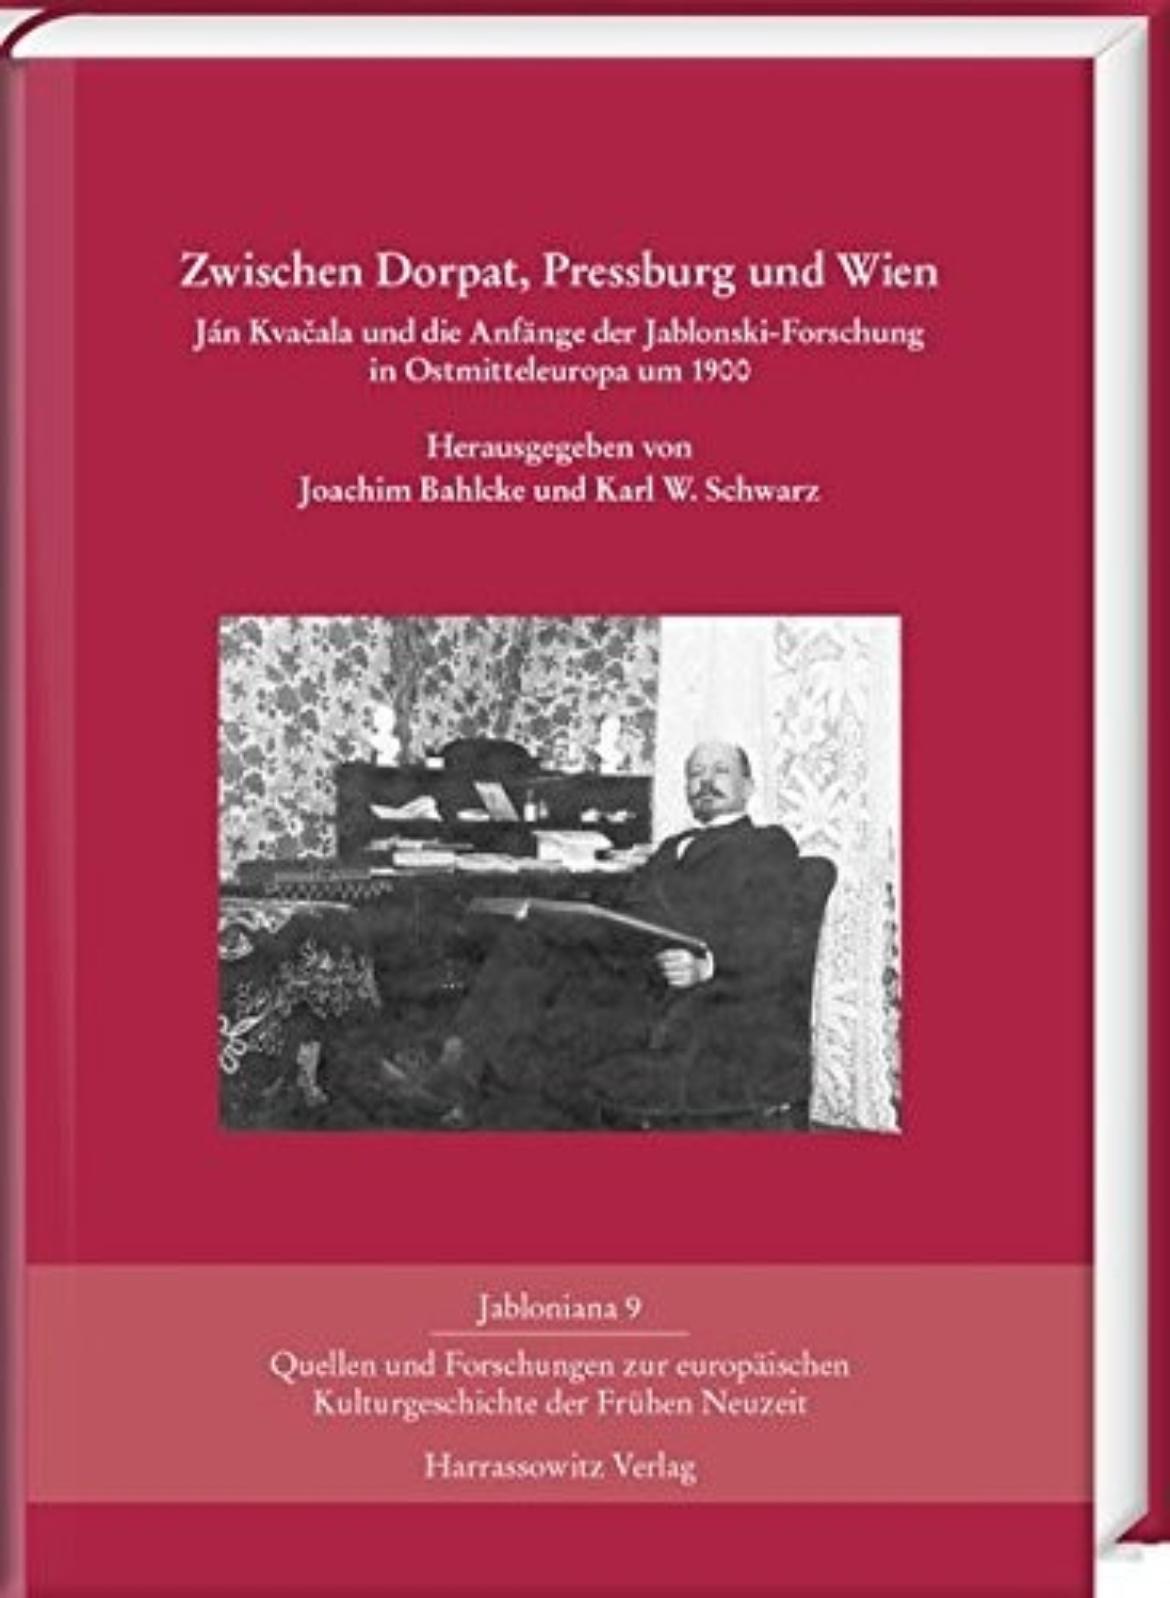 Kalwinizm i Jednota braci czeskich w Europie Środkowej i Środkowo-Wschodniej. Studia na temat społecznego i kulturowego znaczenia wyznania reformowanego w okresie wczesnonowożytnym.